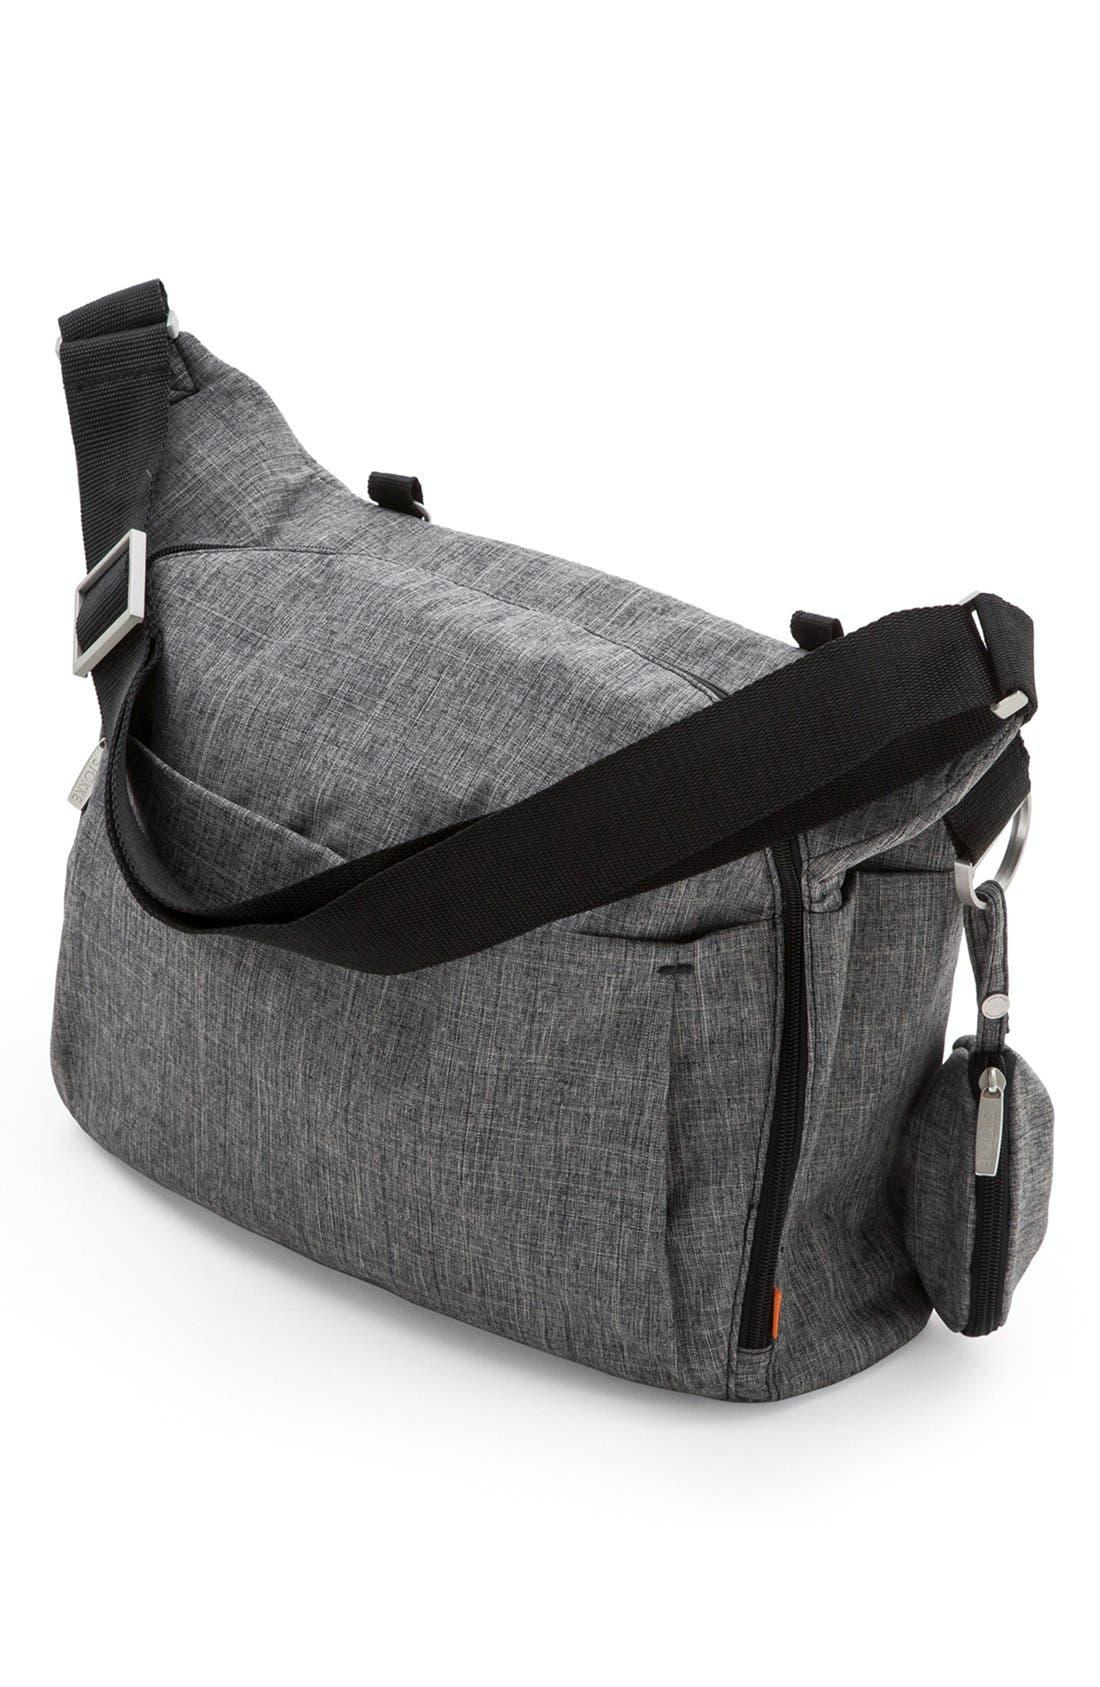 Baby 'Xplory<sup>®</sup>' Changing Bag,                             Main thumbnail 1, color,                             002